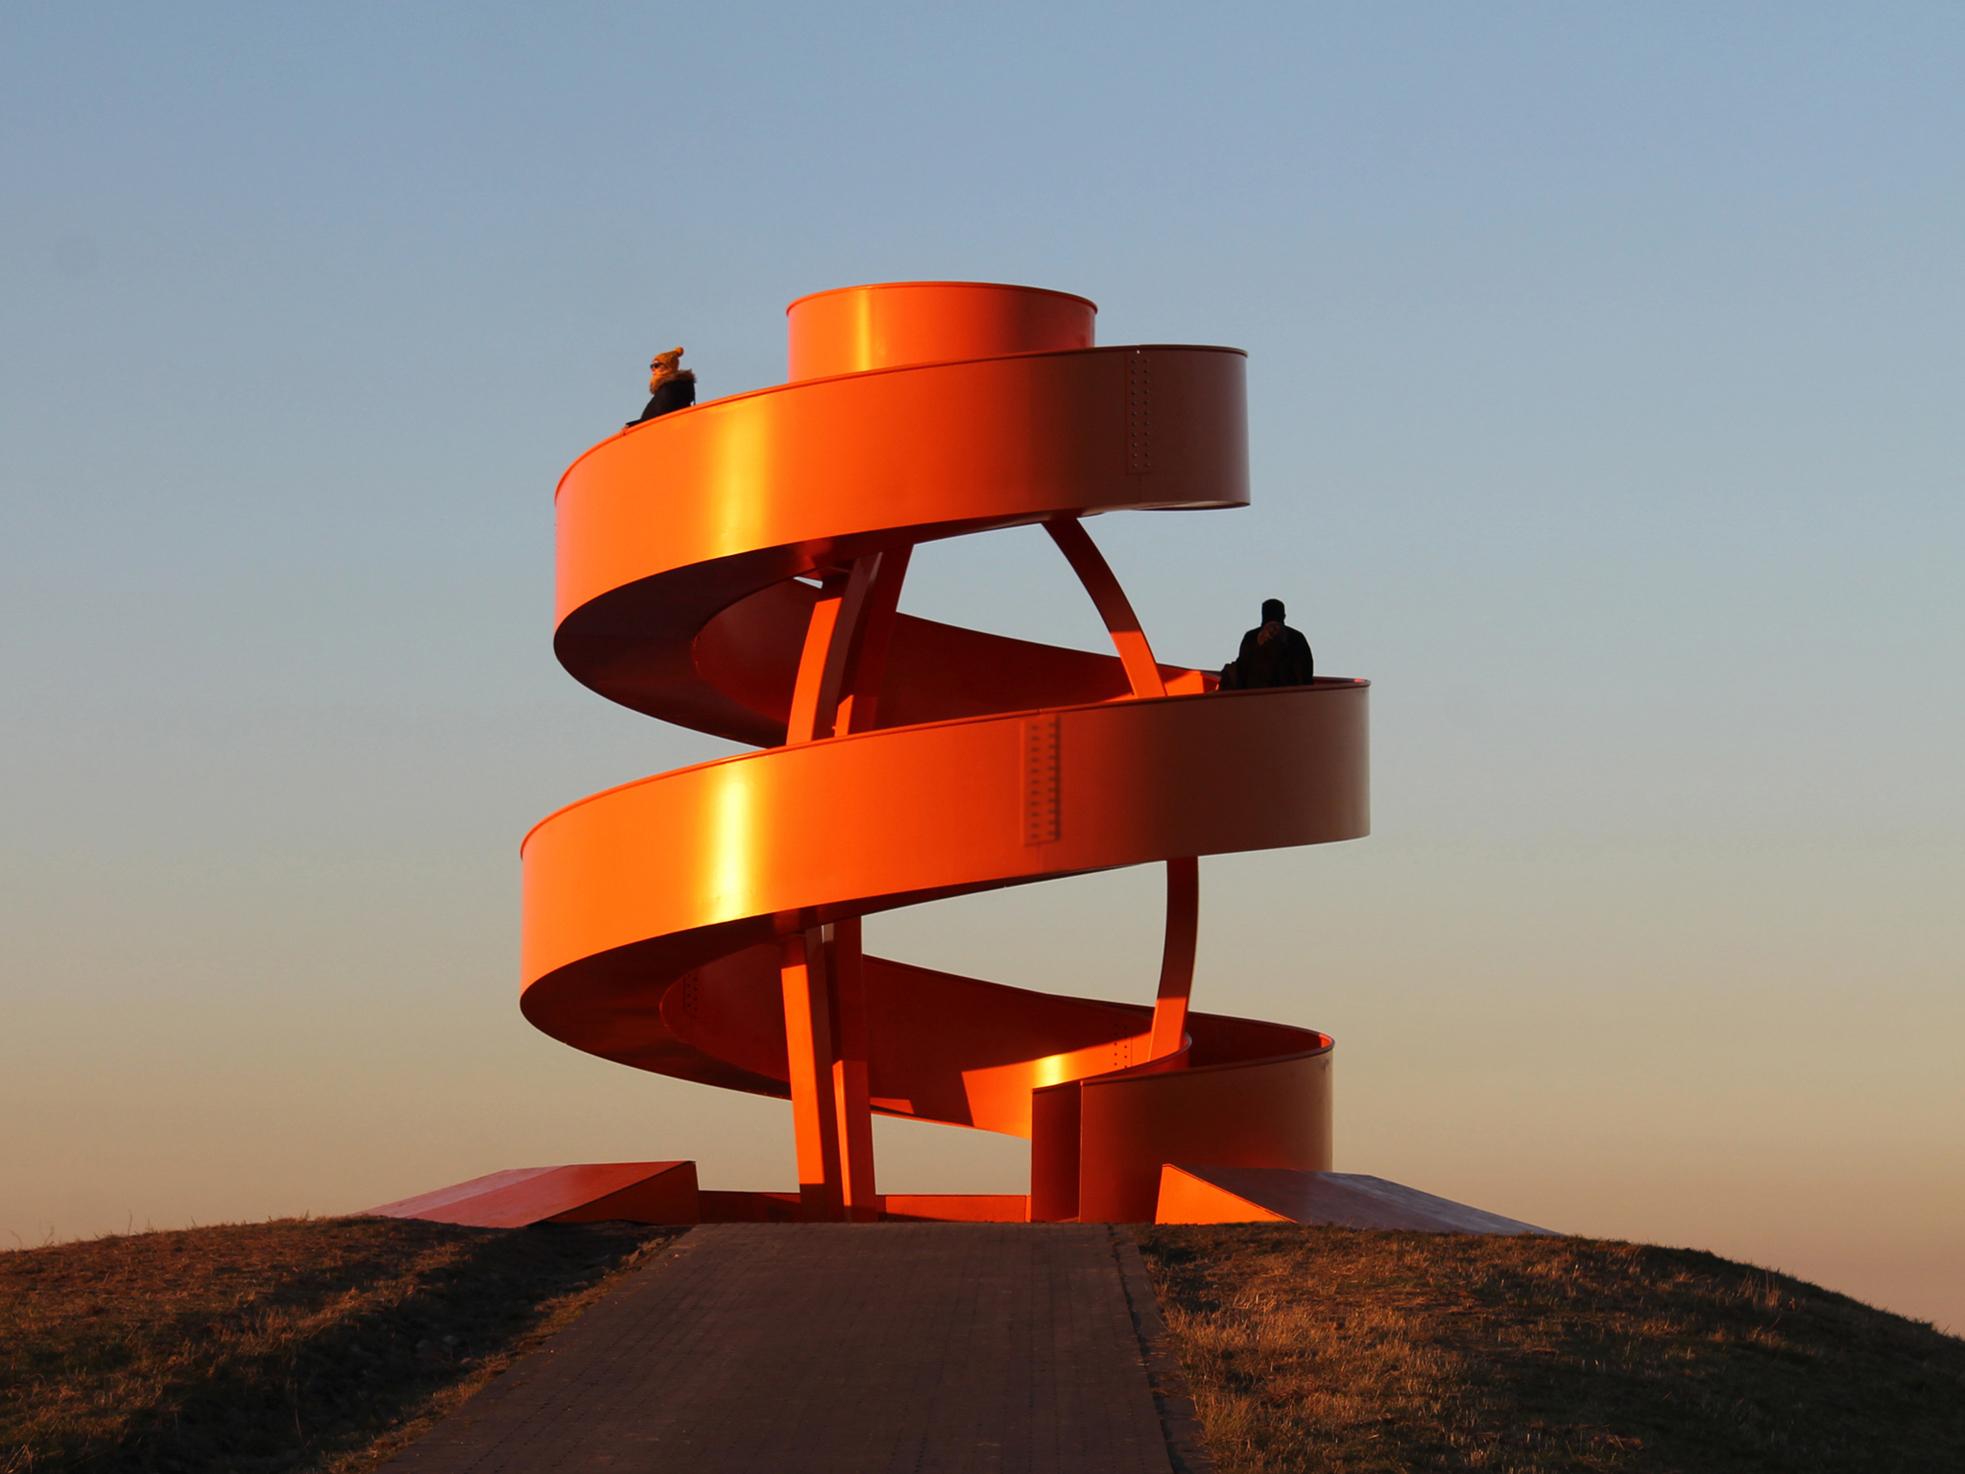 Das sind die neun auszeichnungen zum preis des deutschen stahlbaues - Berghaus architekten ...